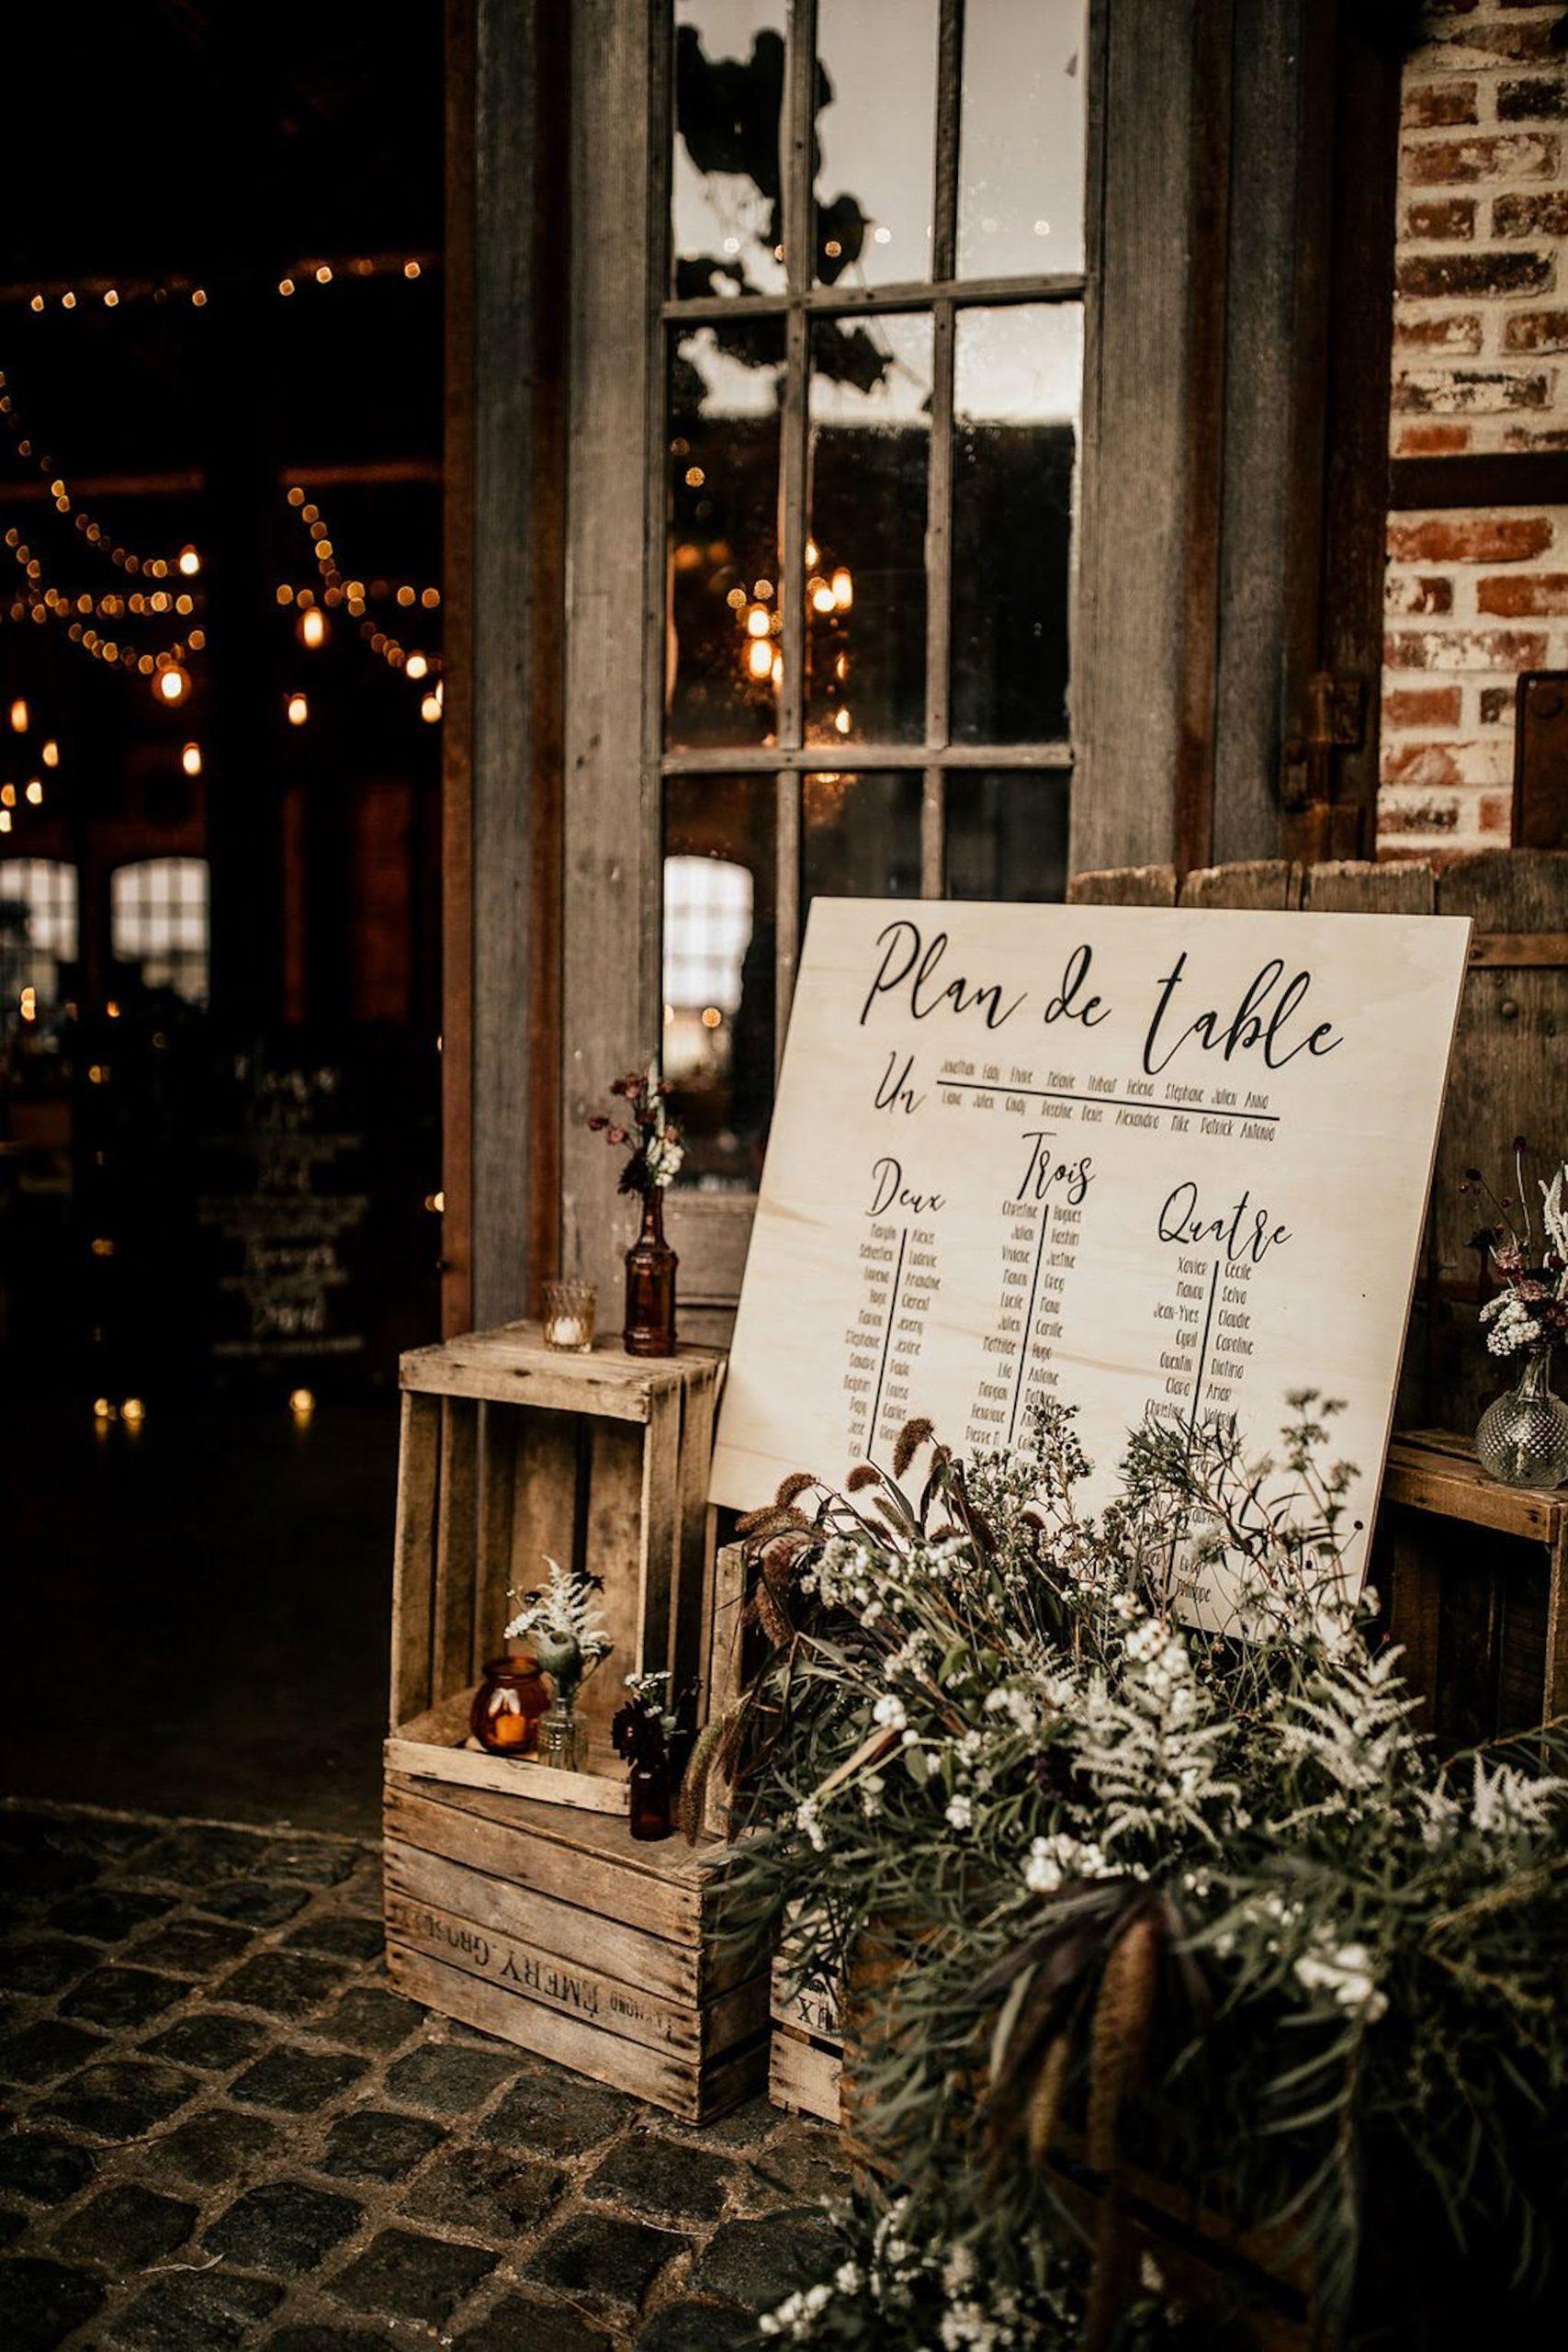 Reflets Fleurs - Scenographie florale - Fleuriste - Mariage - Evenements - Paris Vincennes Normandie - Domaine des Bonnes Joies